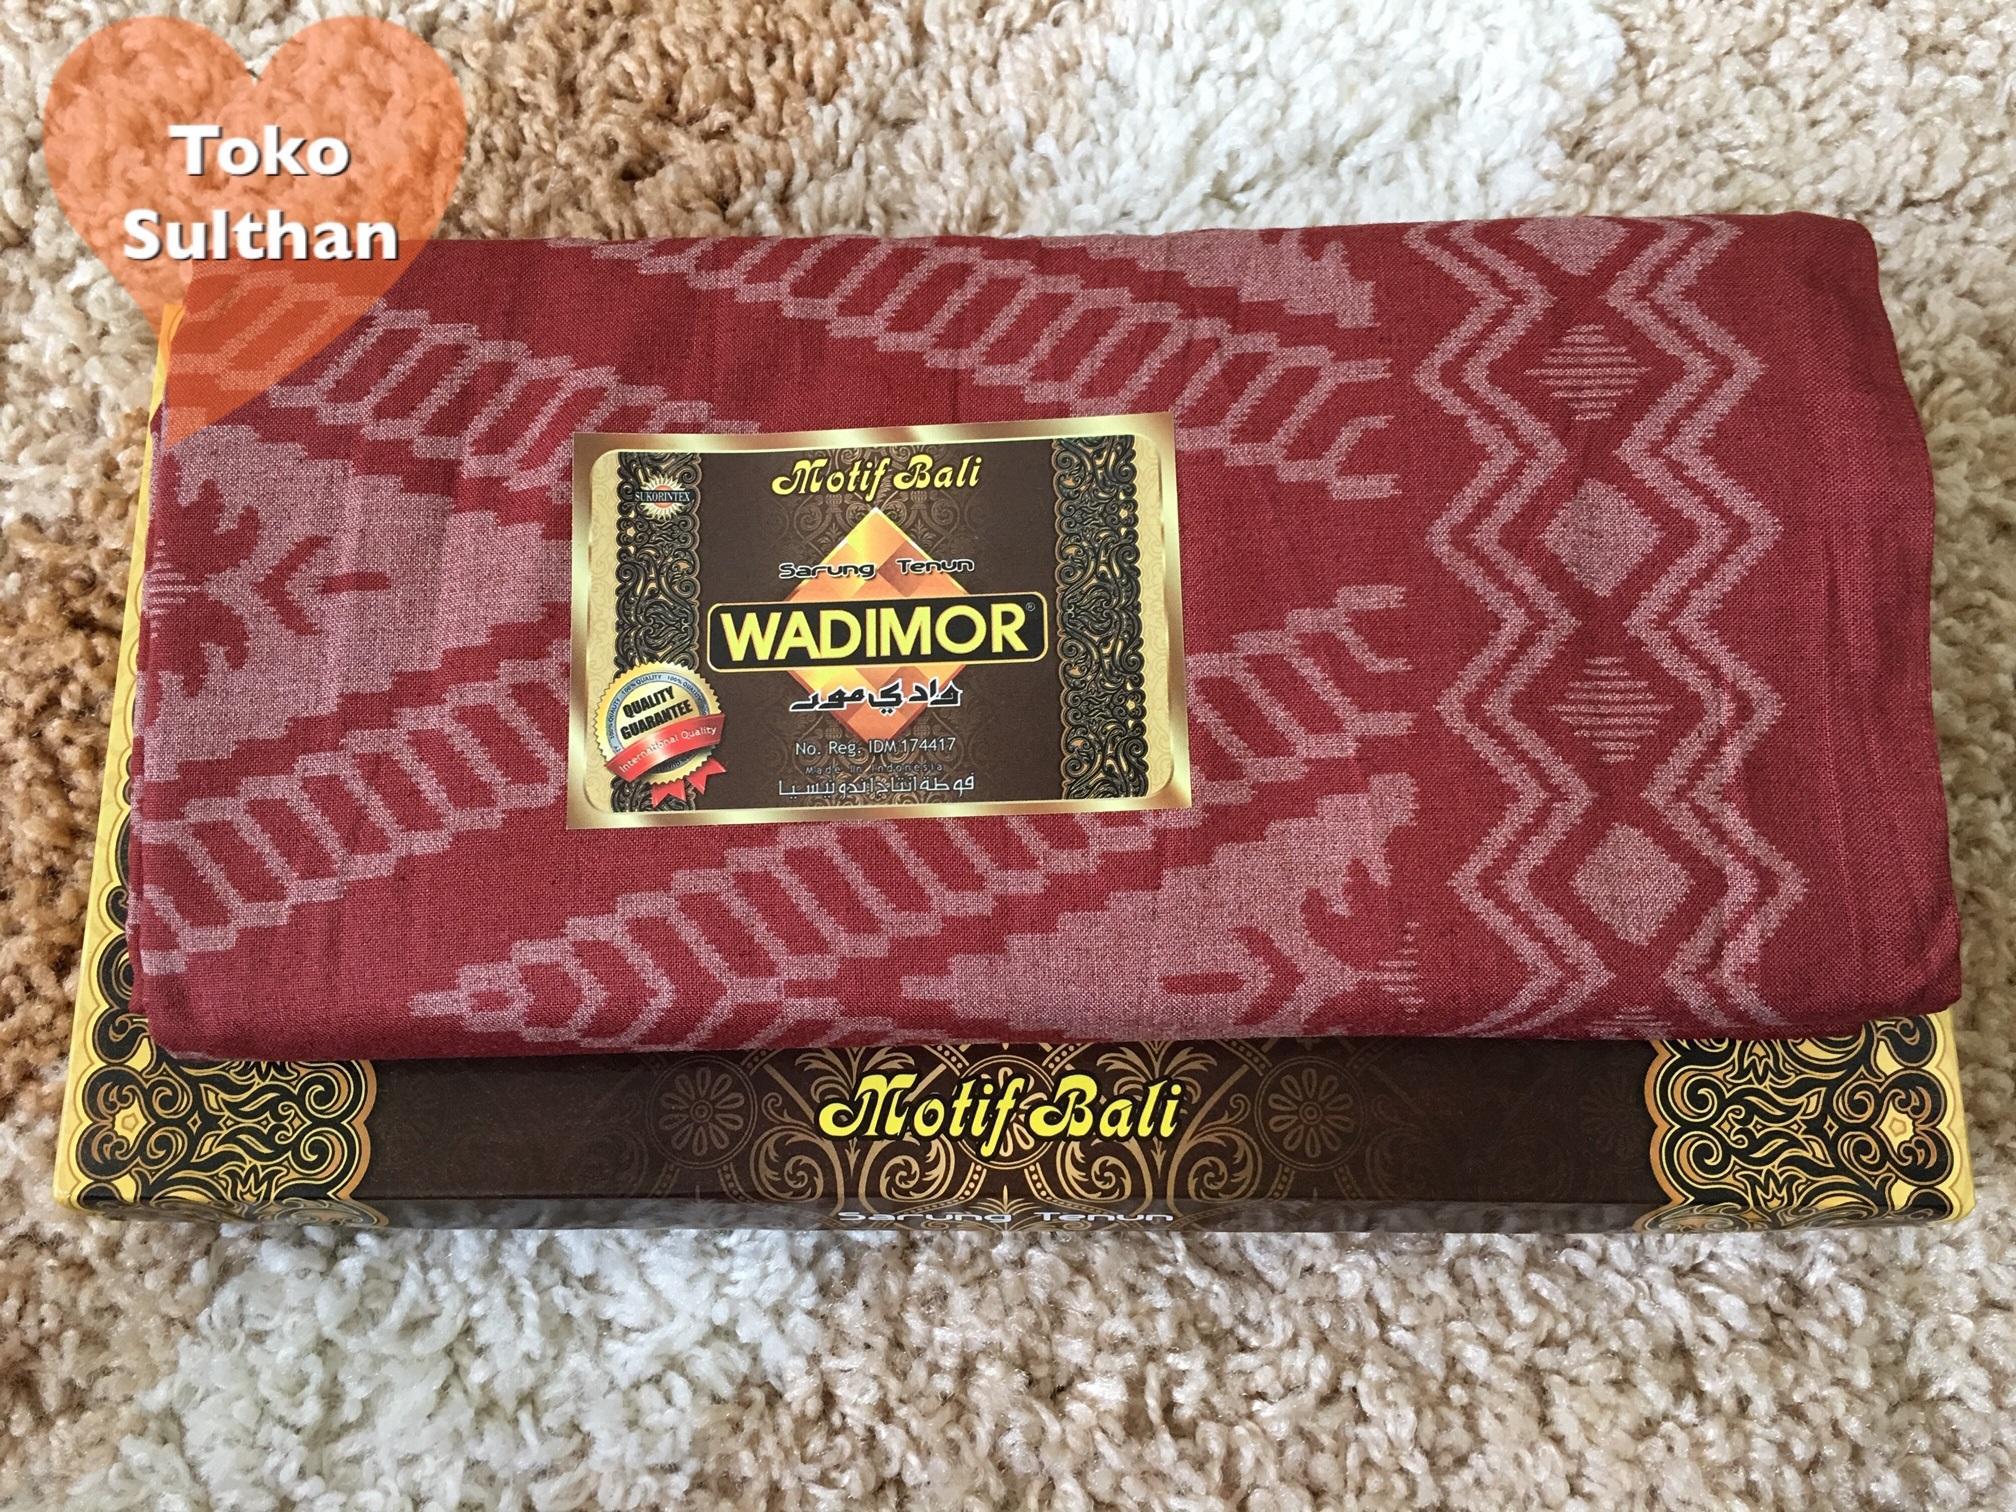 Wadimor Sarung Tenun Motif Bali - Warna Warni By Toko Sulthan.